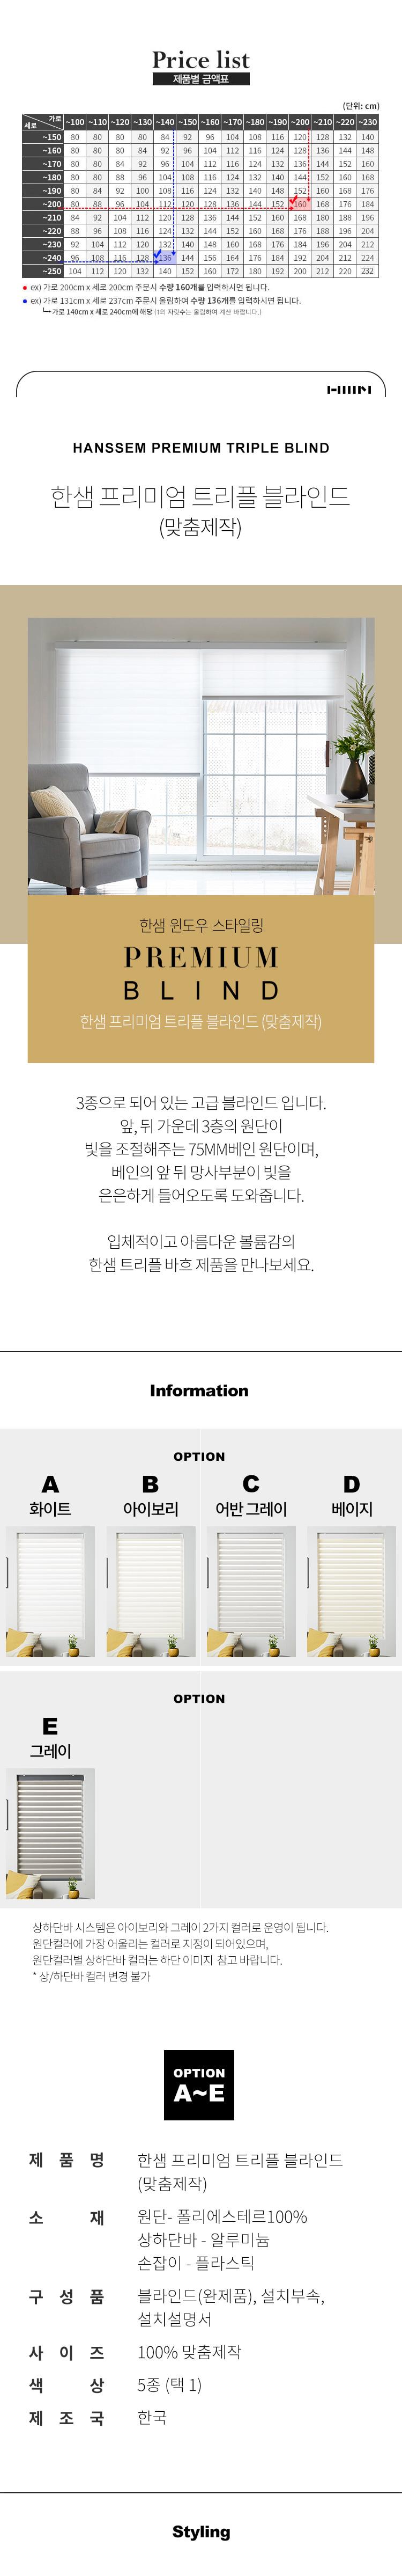 한샘윈도우[PREMIUM] 맞춤 트리플 블라인드 - 한샘_윈도우, 680원, 블라인드, 암막 블라인드